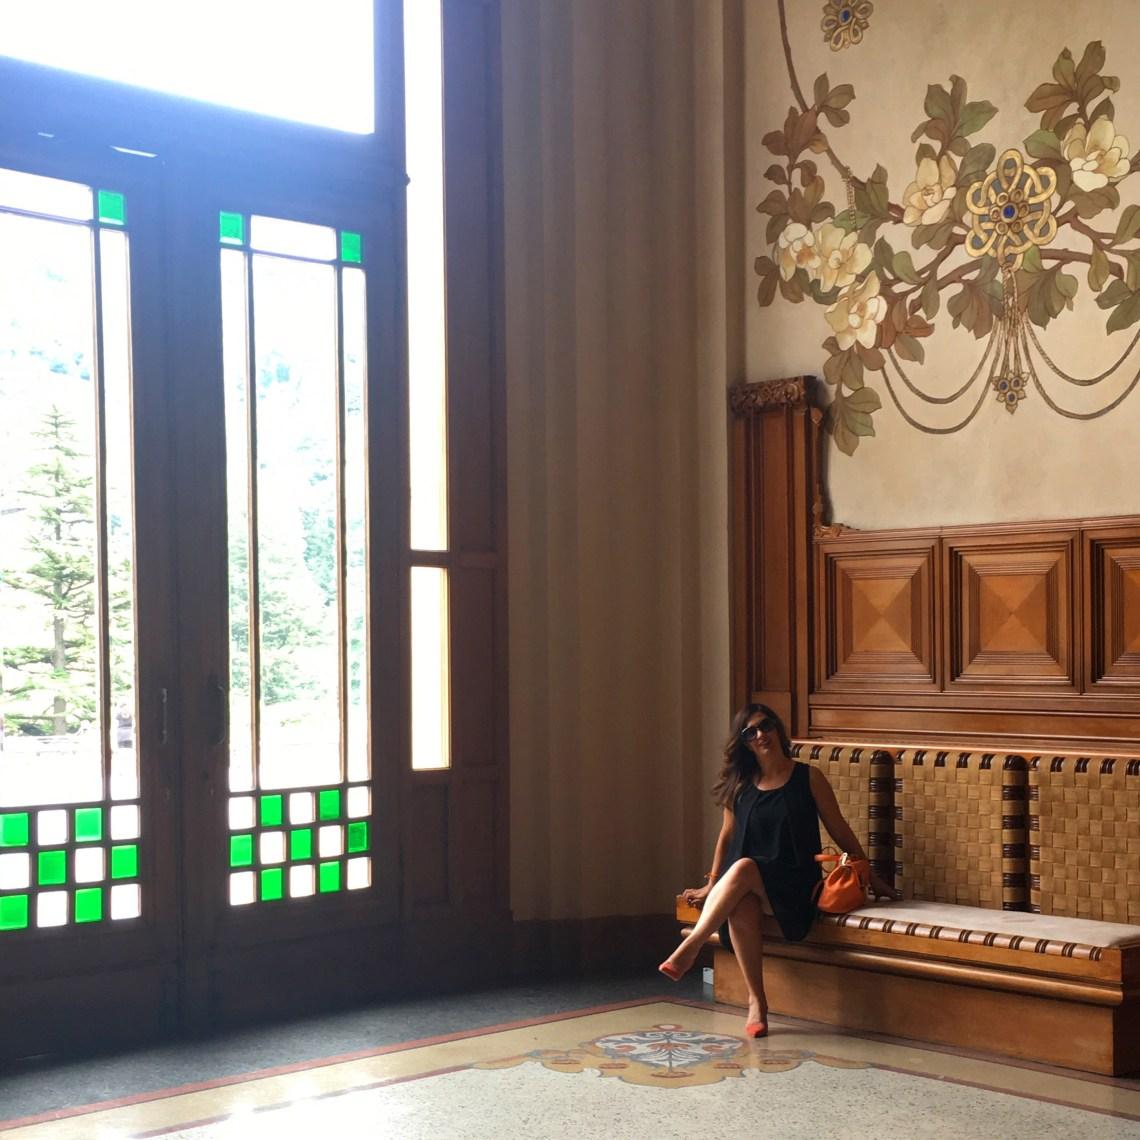 Arredi originali e decorazioni del vestibolo del Casinò di Sanpellegrino